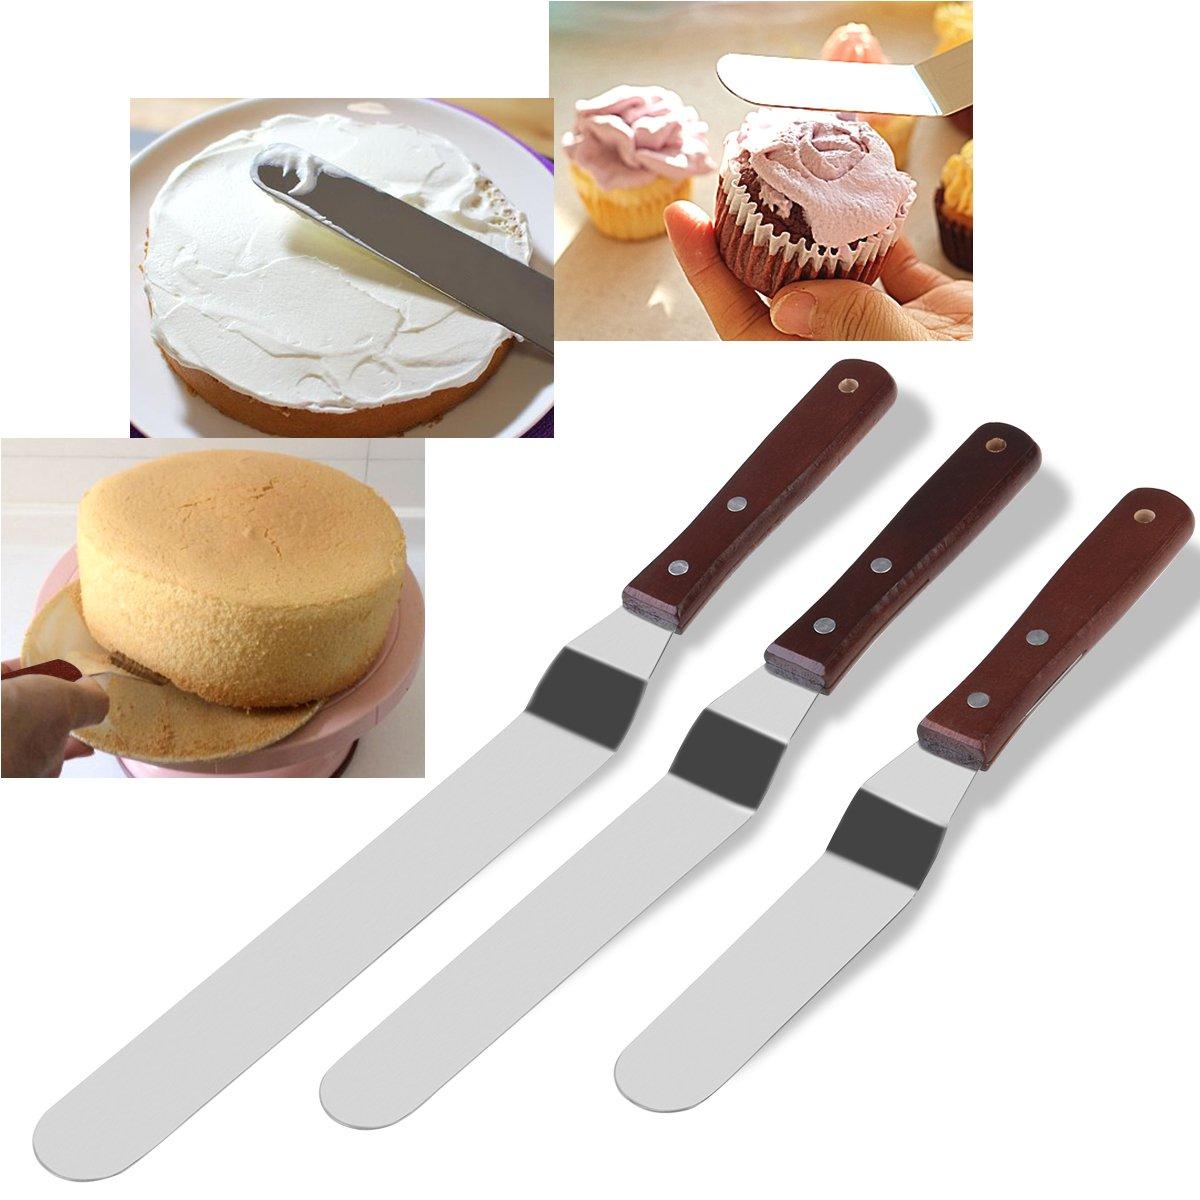 BESTOMZ Winkelpalette Set – 3 Winkelpaletten Streich-Palette Edelstahl mit Holzgriff , Streichmesser, Tortenmesser, Glasurmesser, Icing Spatula Set